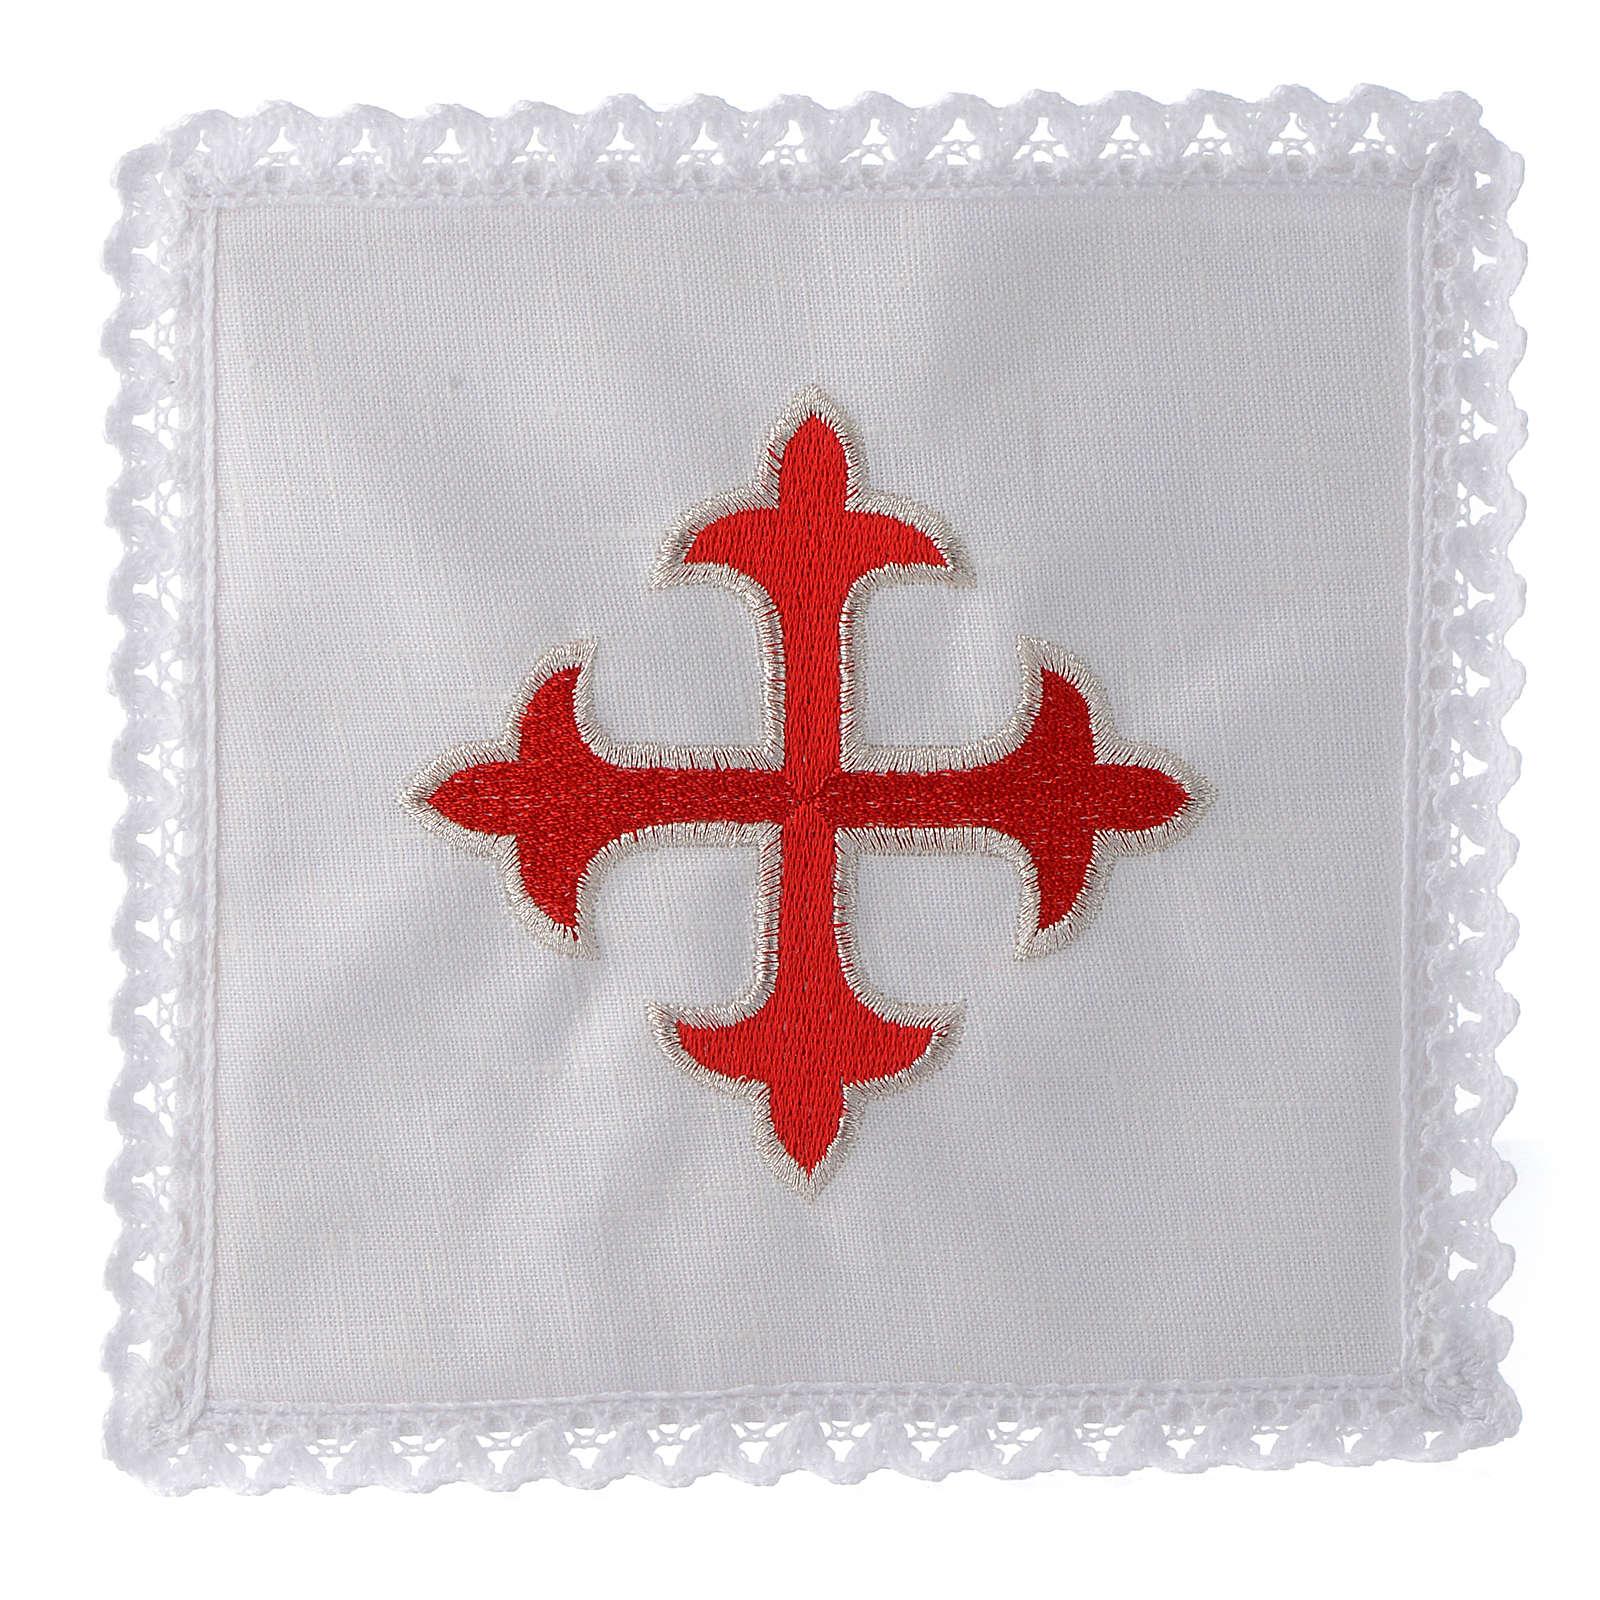 Servicio de altar hilo cruz barroca oro rojo 4